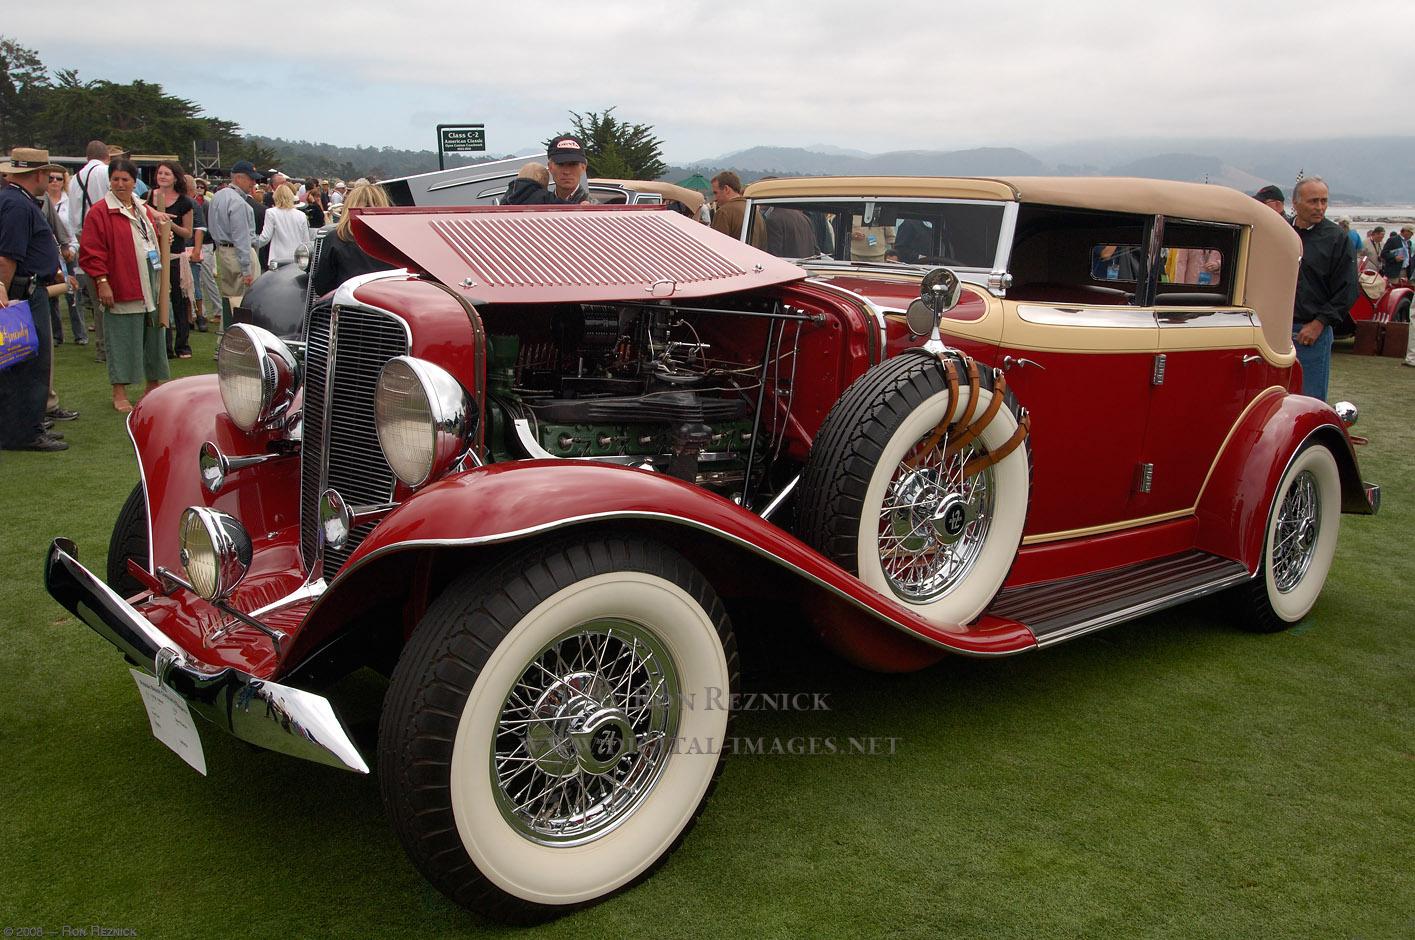 Auburn 1932 Salon Phaeton